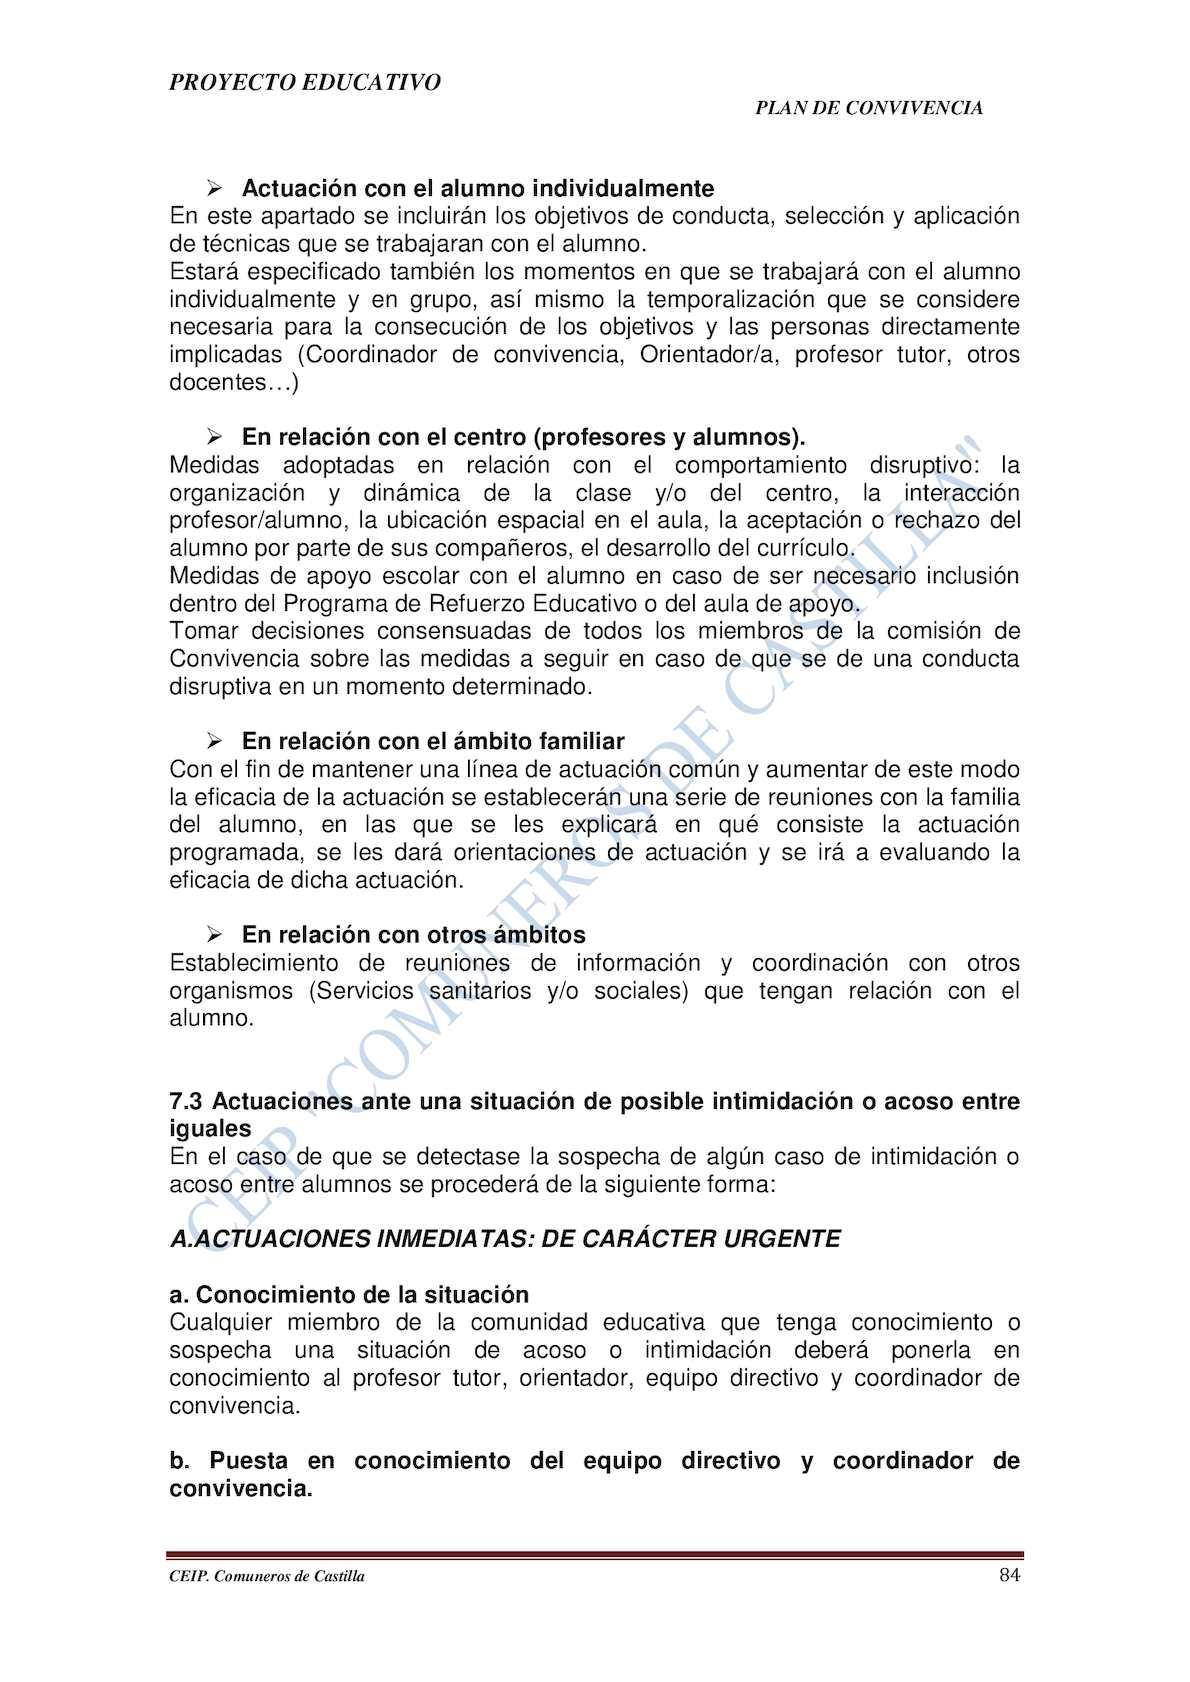 Encantador Referencia En Reanudar Componente - Plantilla Curriculum ...